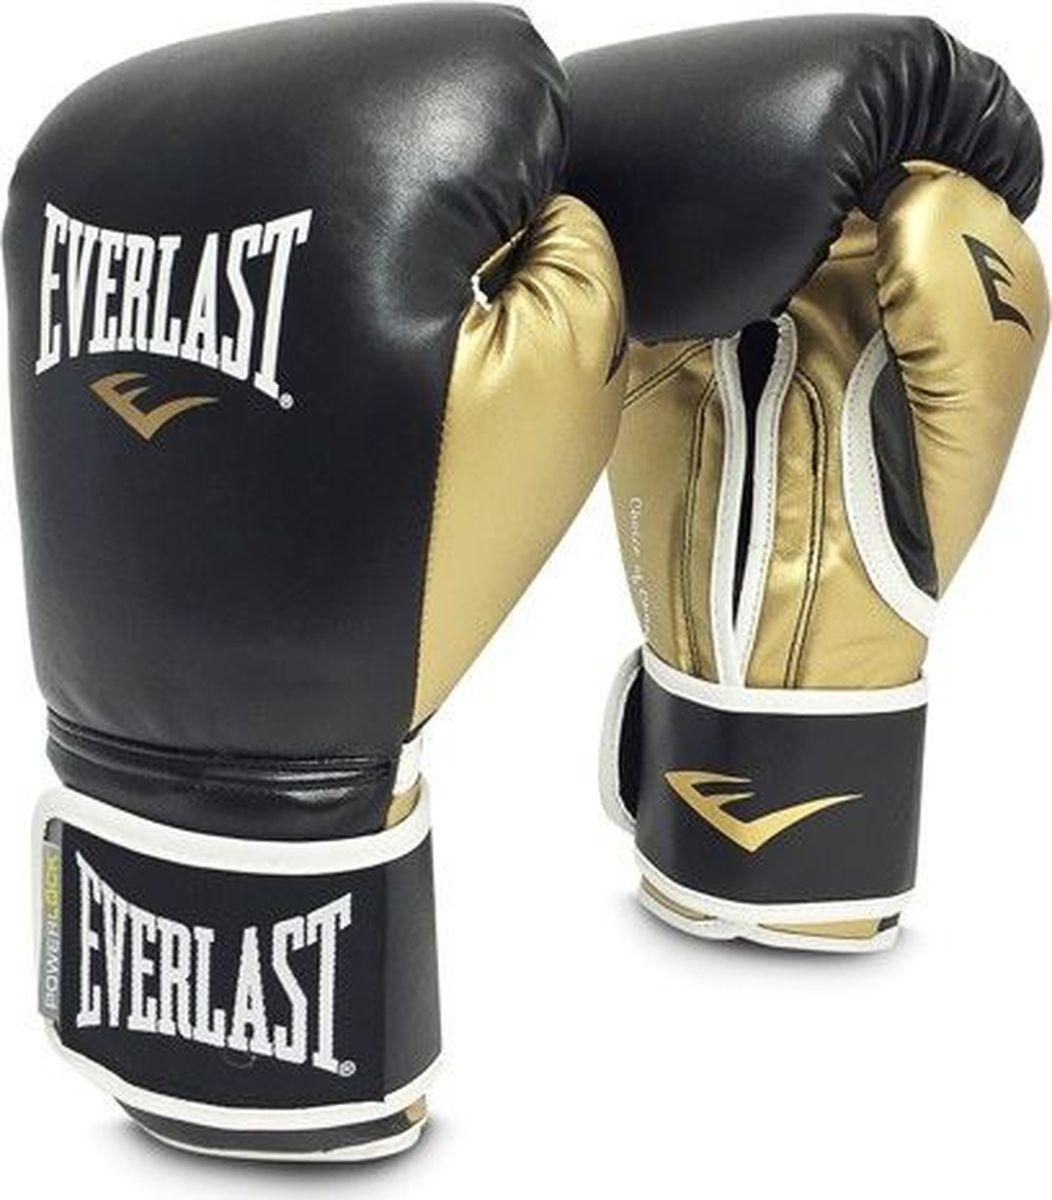 Боксерские перчатки Everlast Powerlock, тренировочные, P00000723, черный, золотой, вес 14 унций мультитул powerlock eod black oxide черный sog